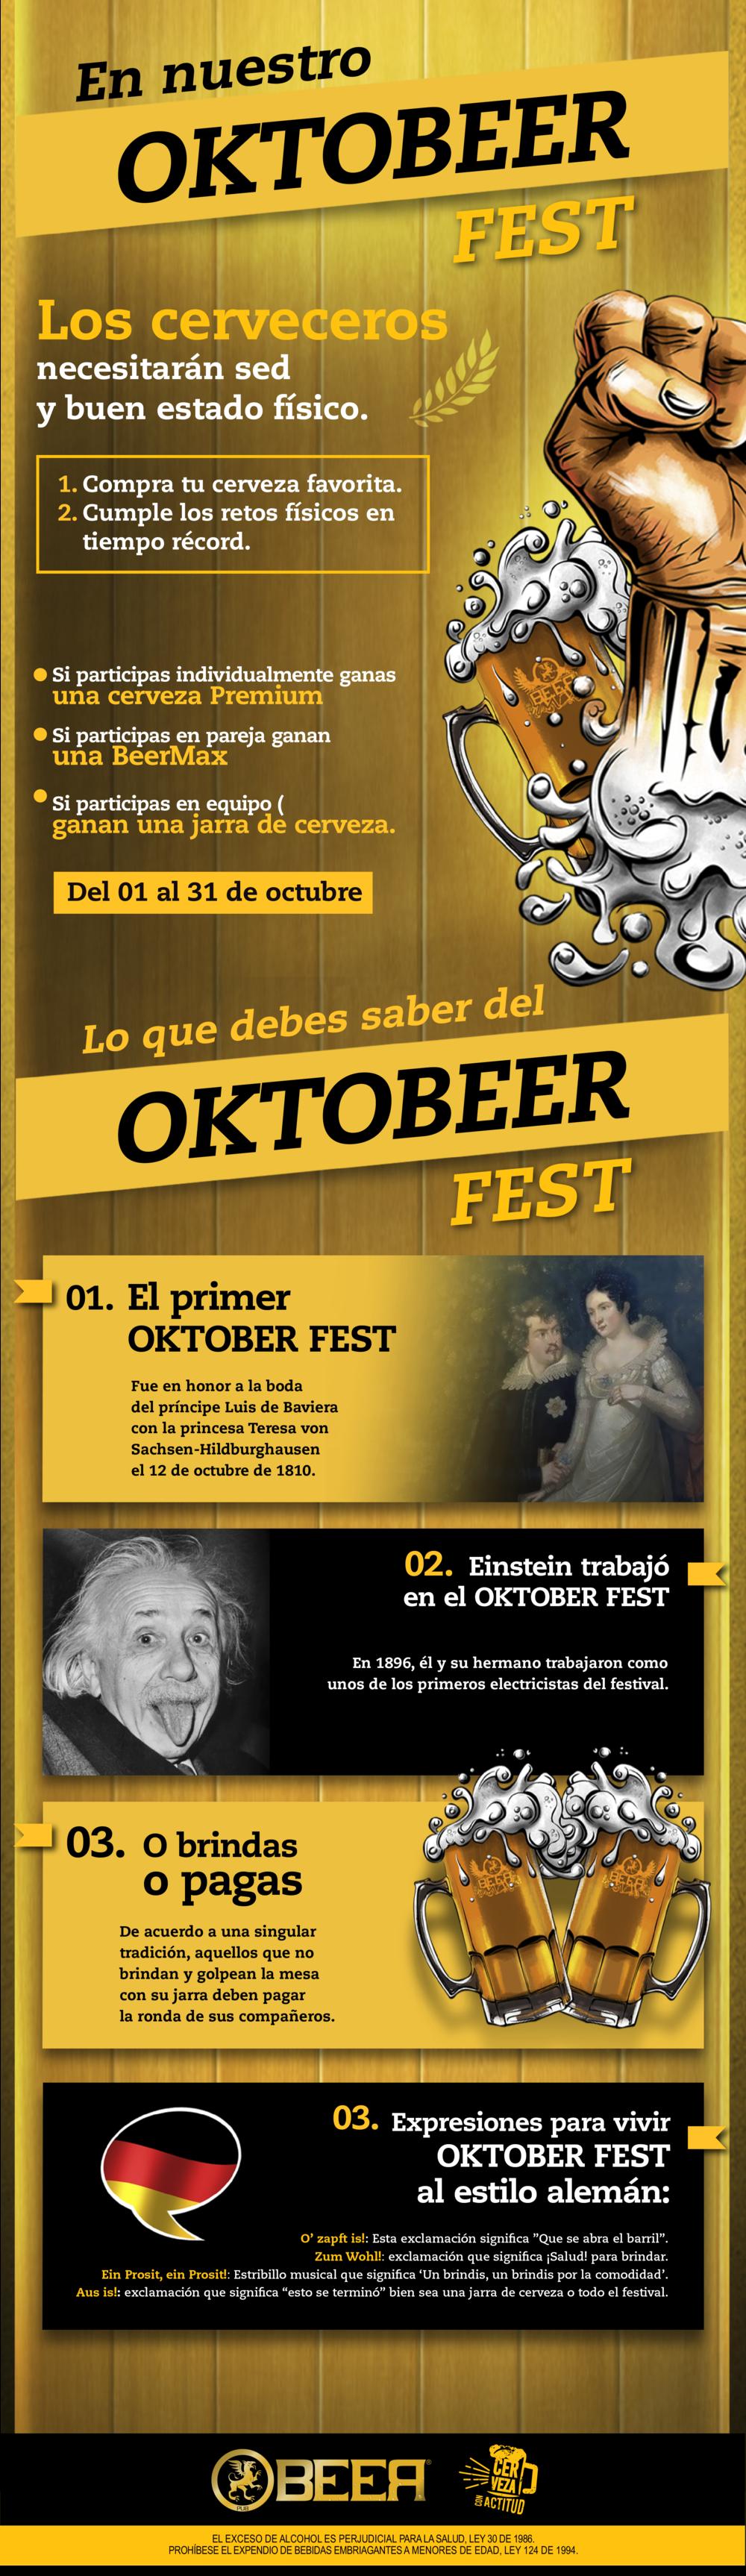 oktobeerfest 2018.png